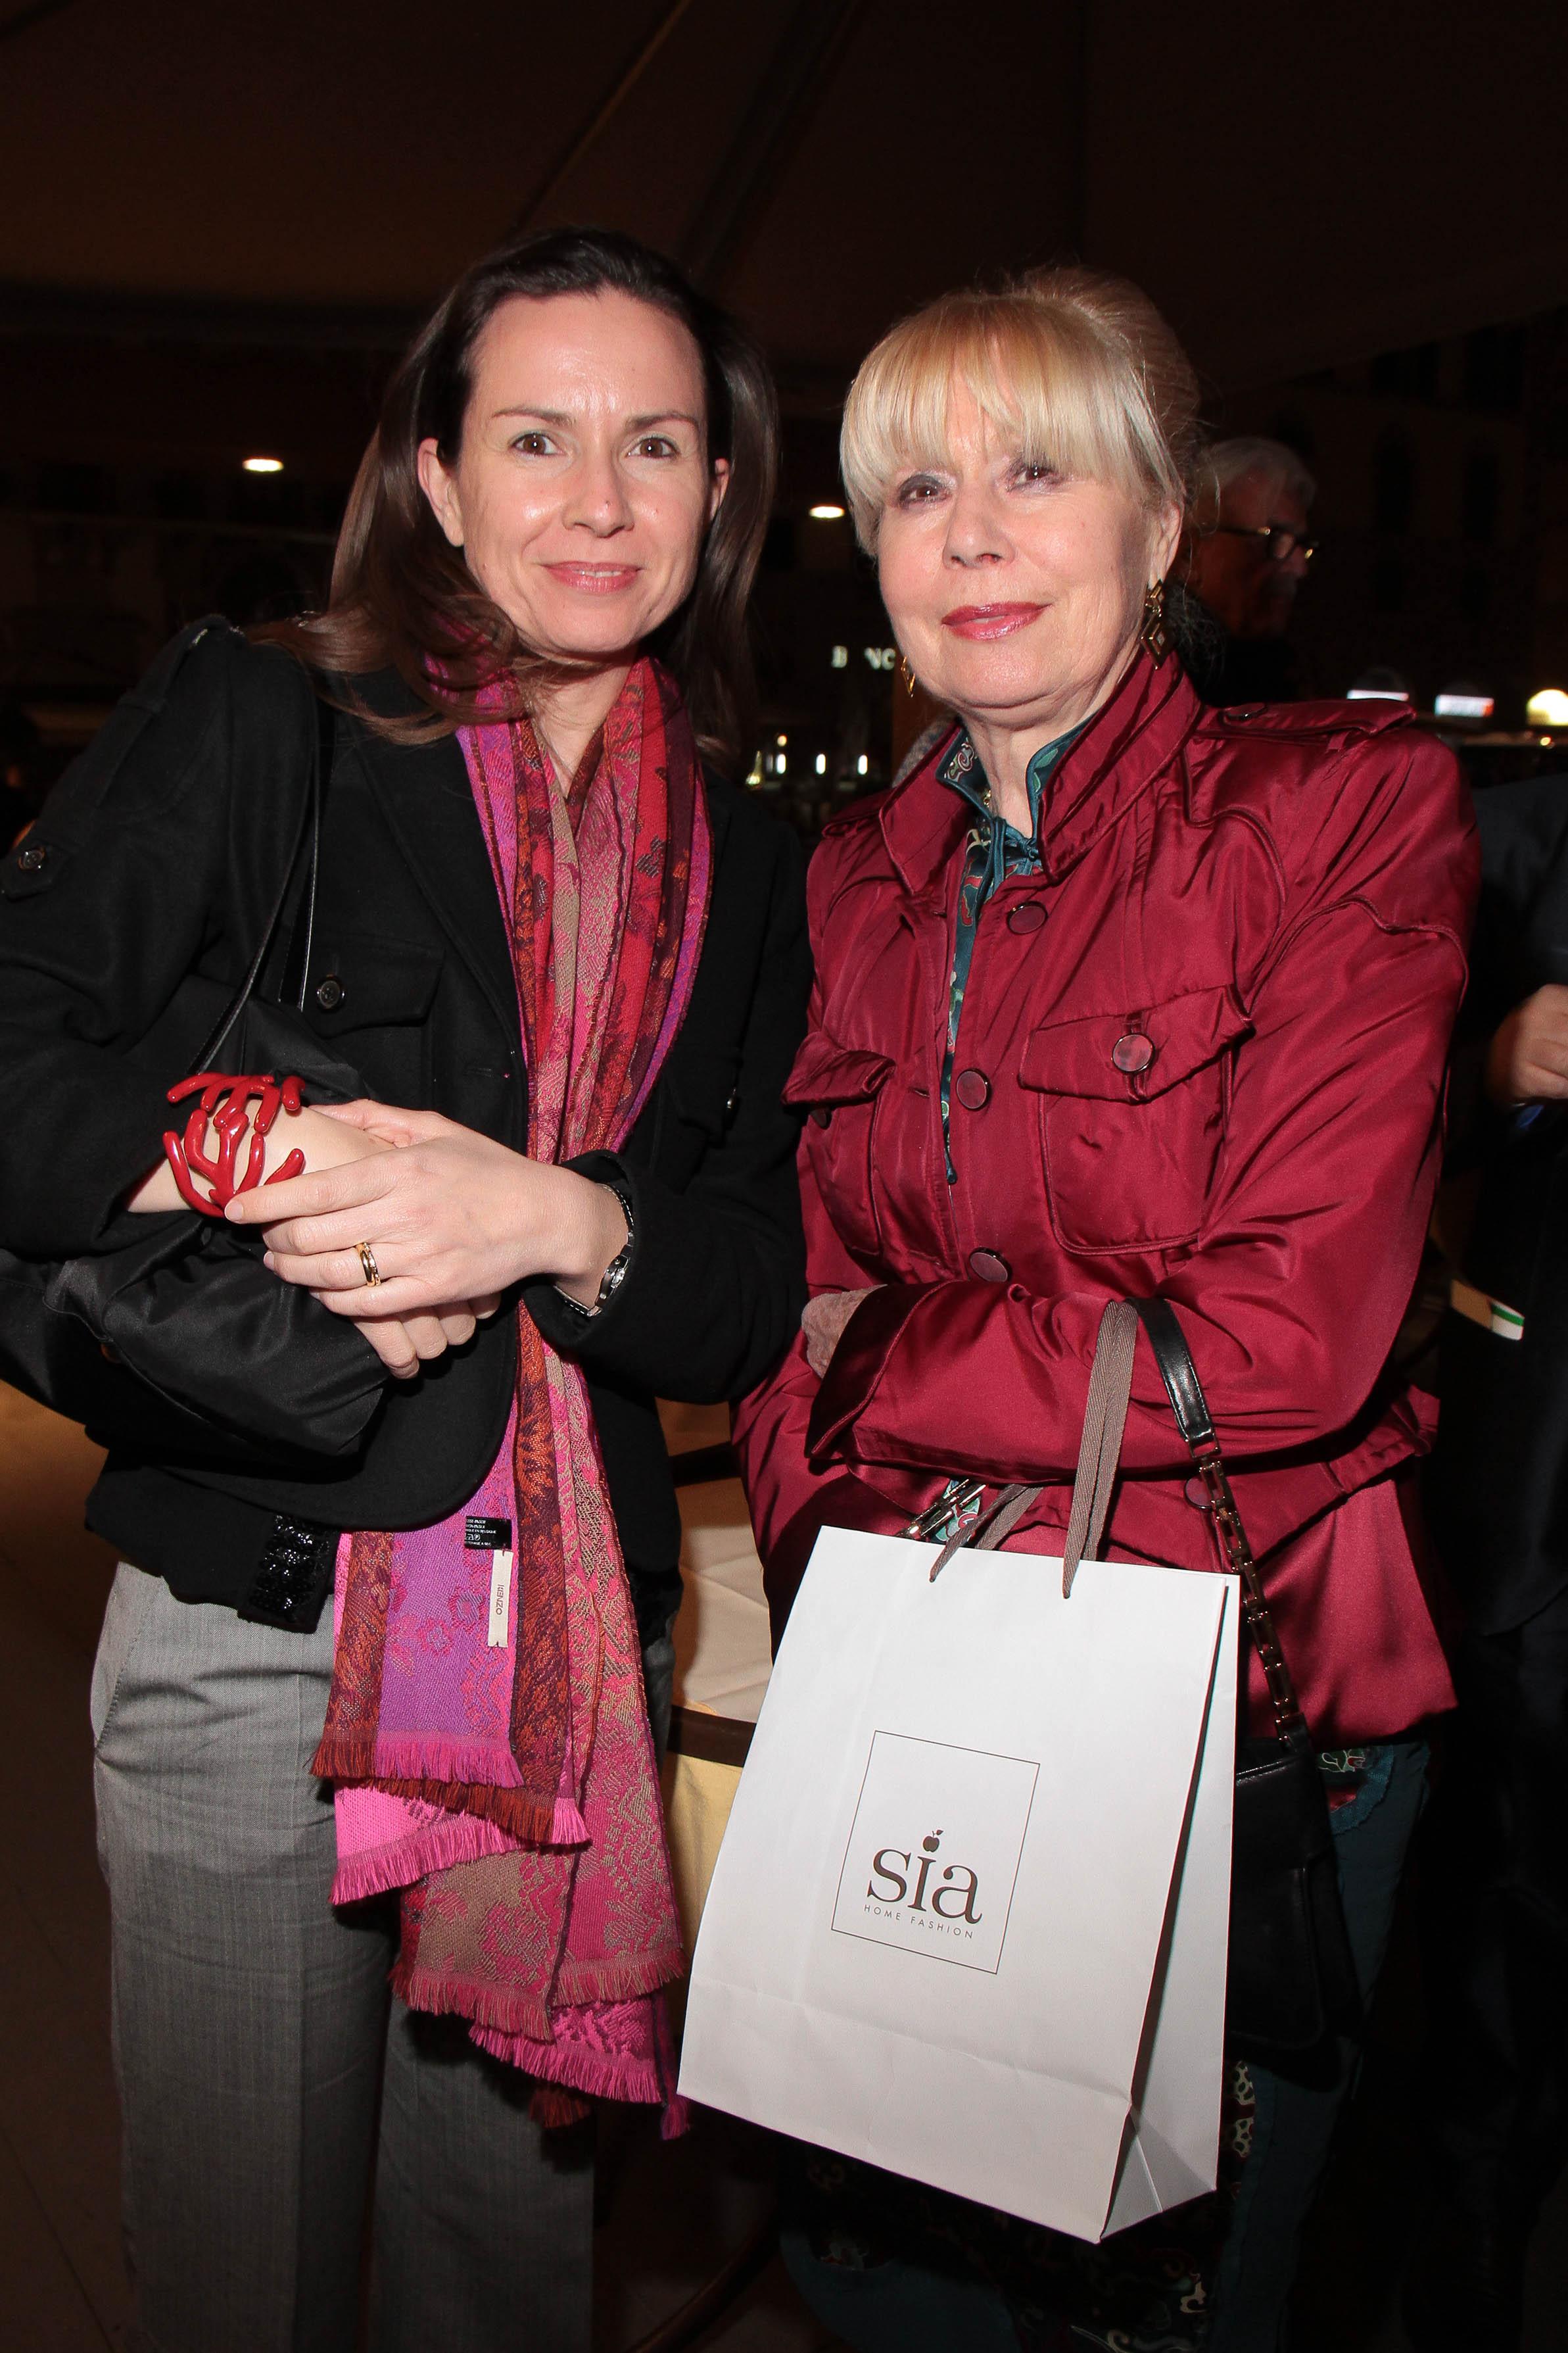 PRESSPHOTO Firenze, Loggia dei Lanzi, asta benefica per ANT organizzata da Farsetti. Nella foto Patrizia Mazzoni e Elda Fiesoli Giuseppe Cabras/New Press Photo